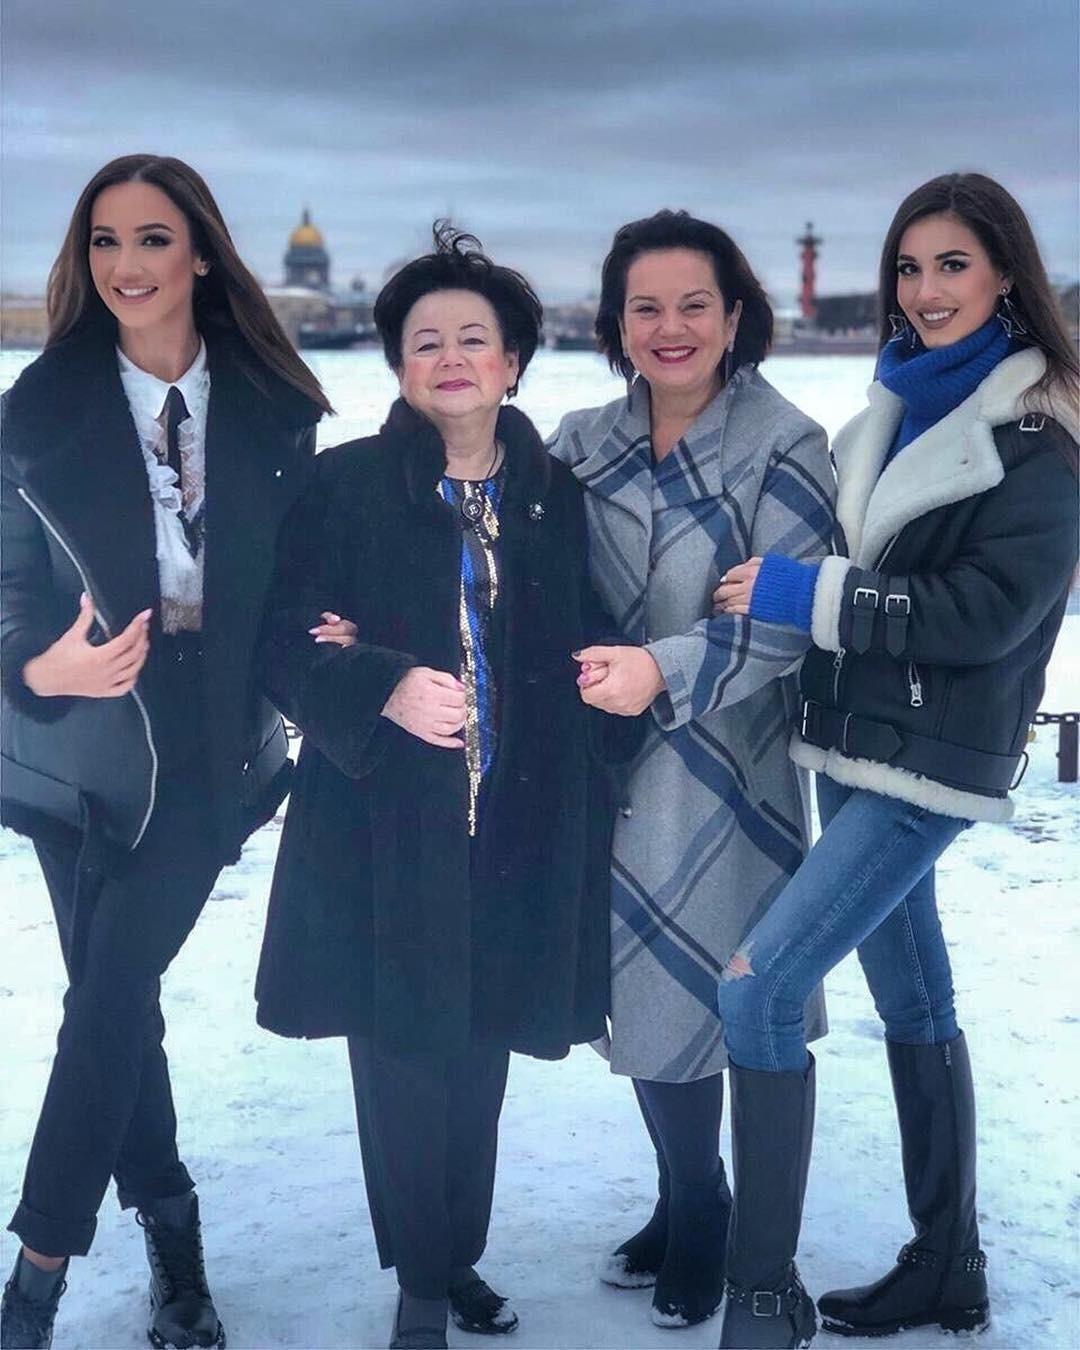 12 декабря Ольга Бузова дала большой сольный концерт с новым шоу «Принимай меня» в своем родном городе Санкт-Петербурге. Важное и волнительное для Ольги мероприятие посетили ее самые близ...